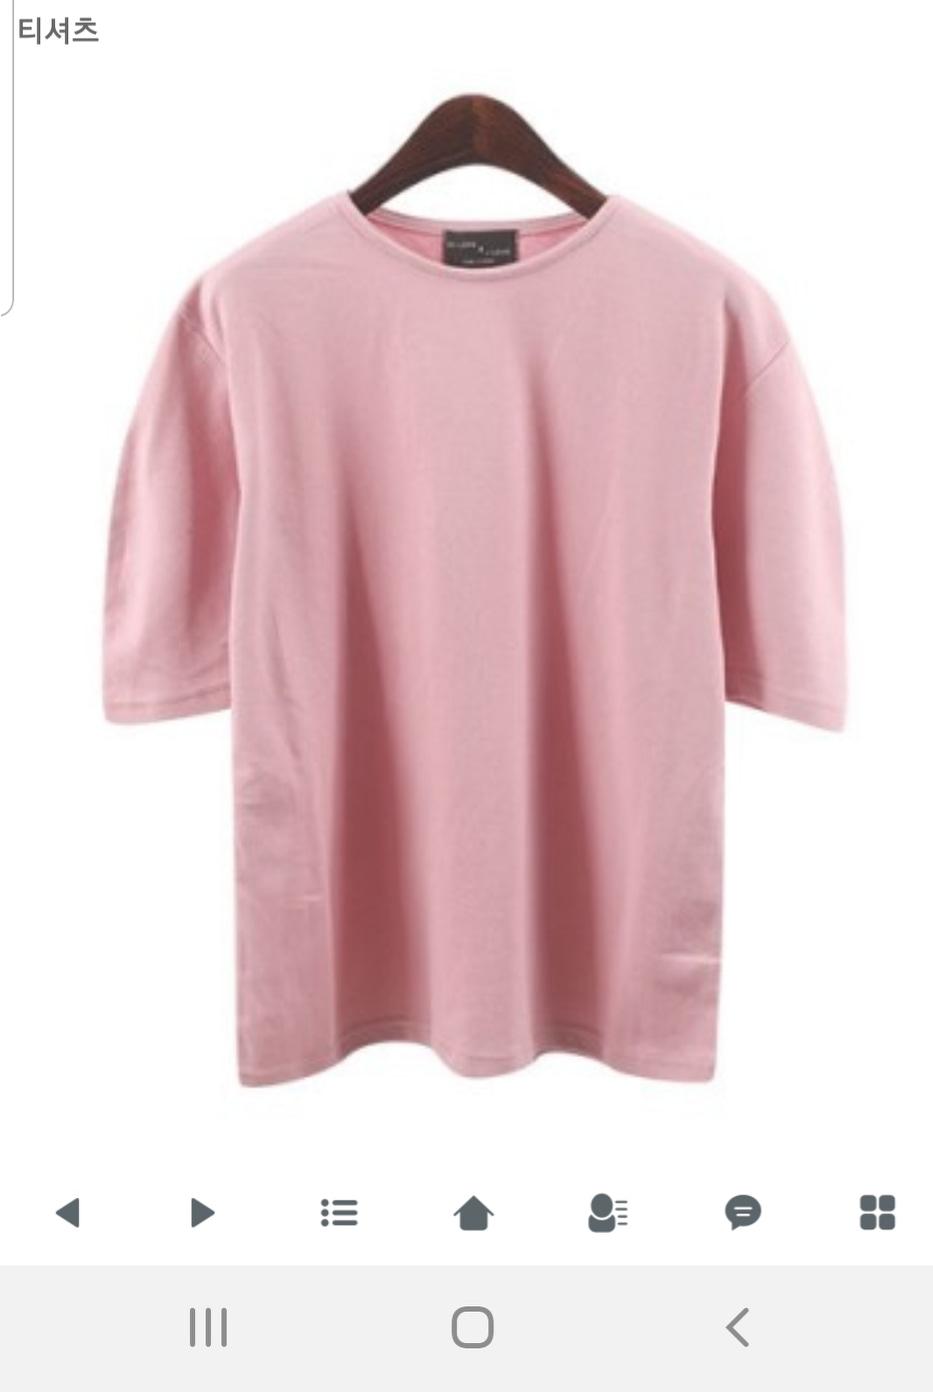 소매 볼륨있는 핑크색 반팔티(새상품, 프리사이즈)